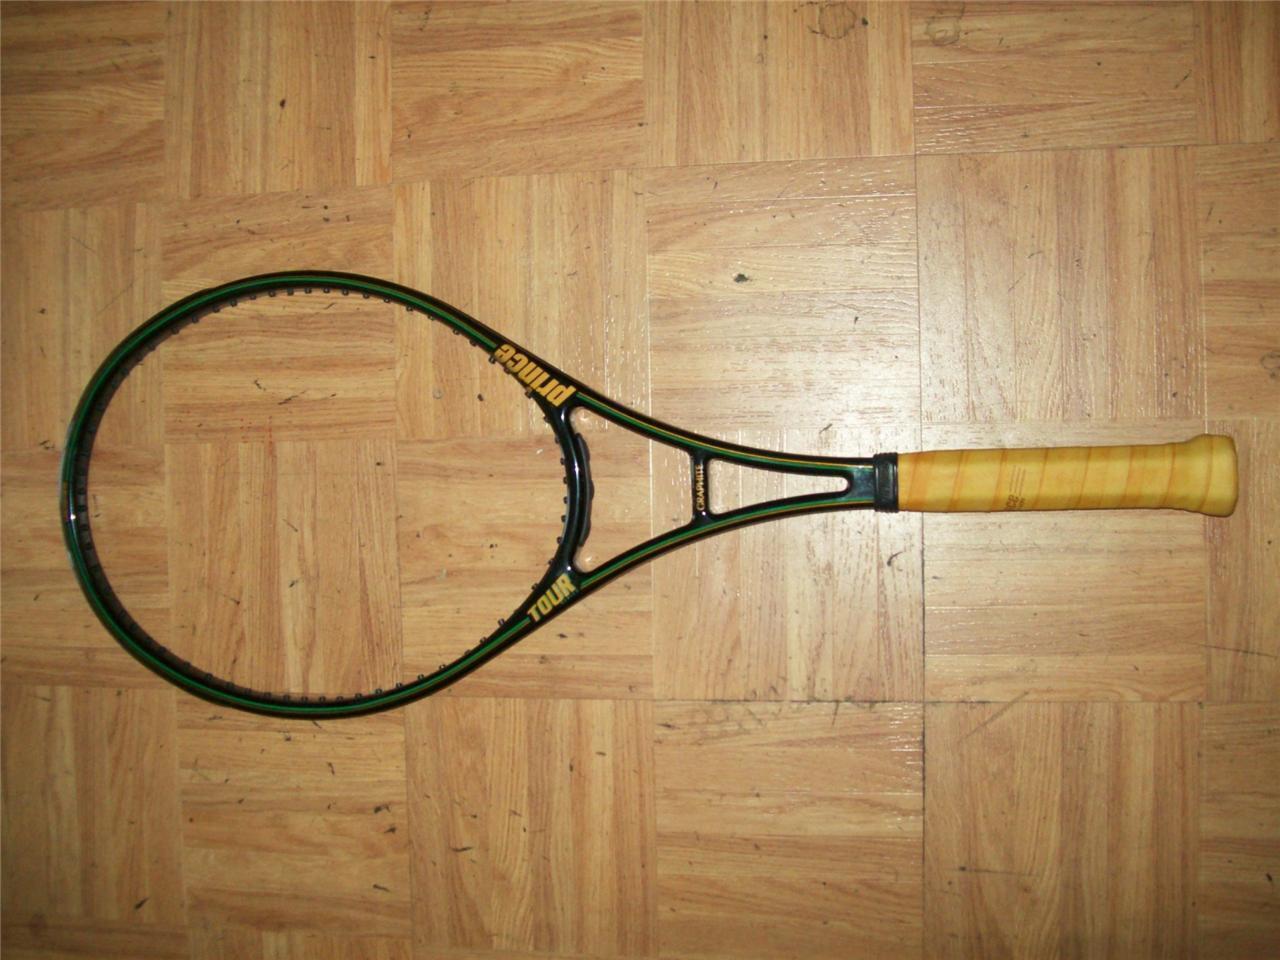 El príncipe Grafito Tour Tamaño Mediano 93 cabeza 4 1 4 de agarre gran forma tenis raqueta